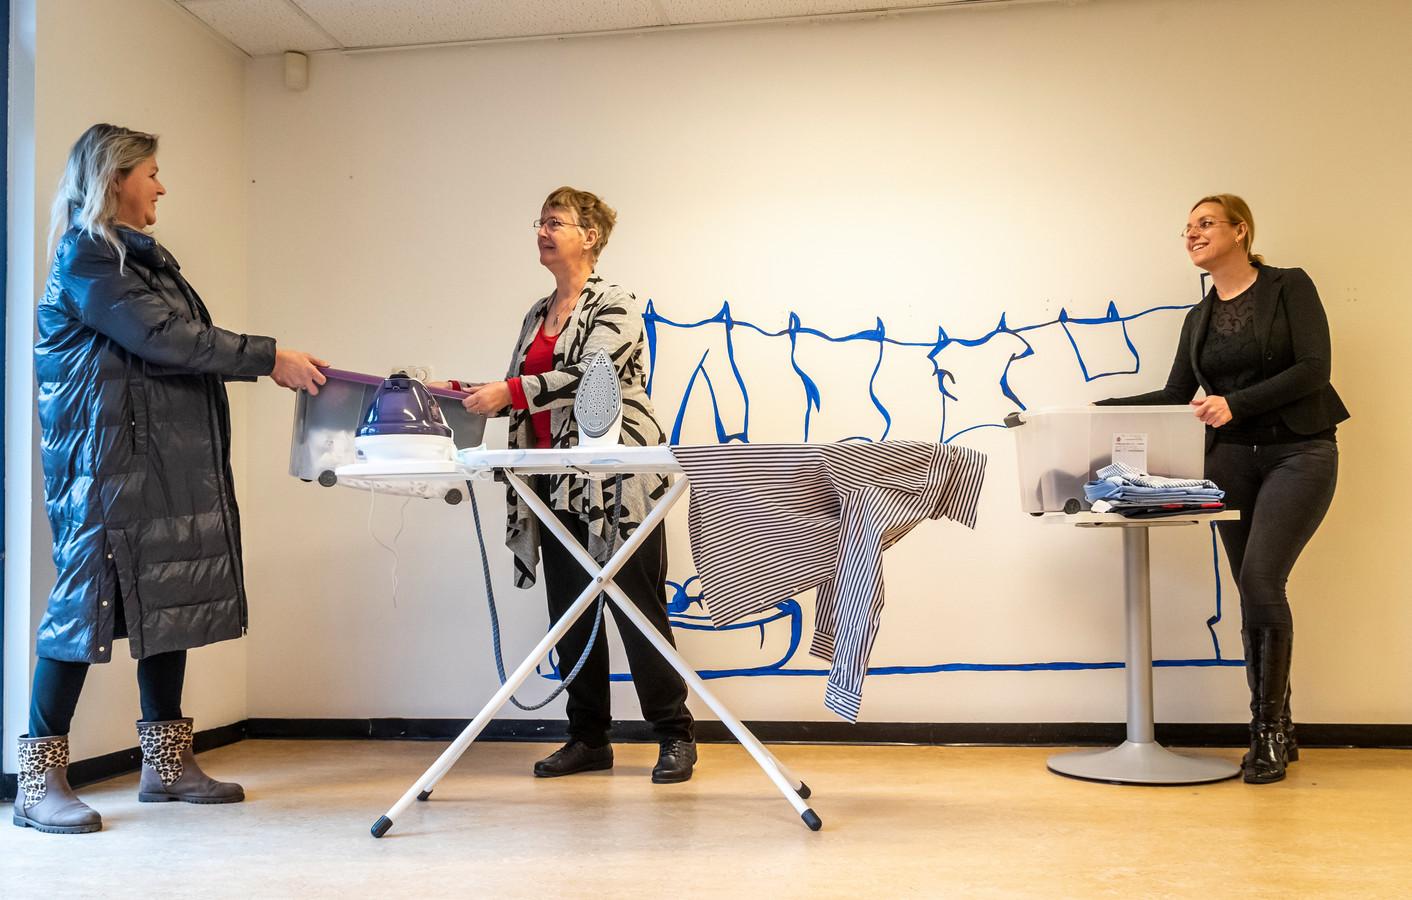 Wendy Kieft, Marjory van Geenen en Marielle Vaassen (vlnr). Wendy komt wasgoed brengen; Marjory en Marielle zijn vrijwilligers bij de Strijkdienst.